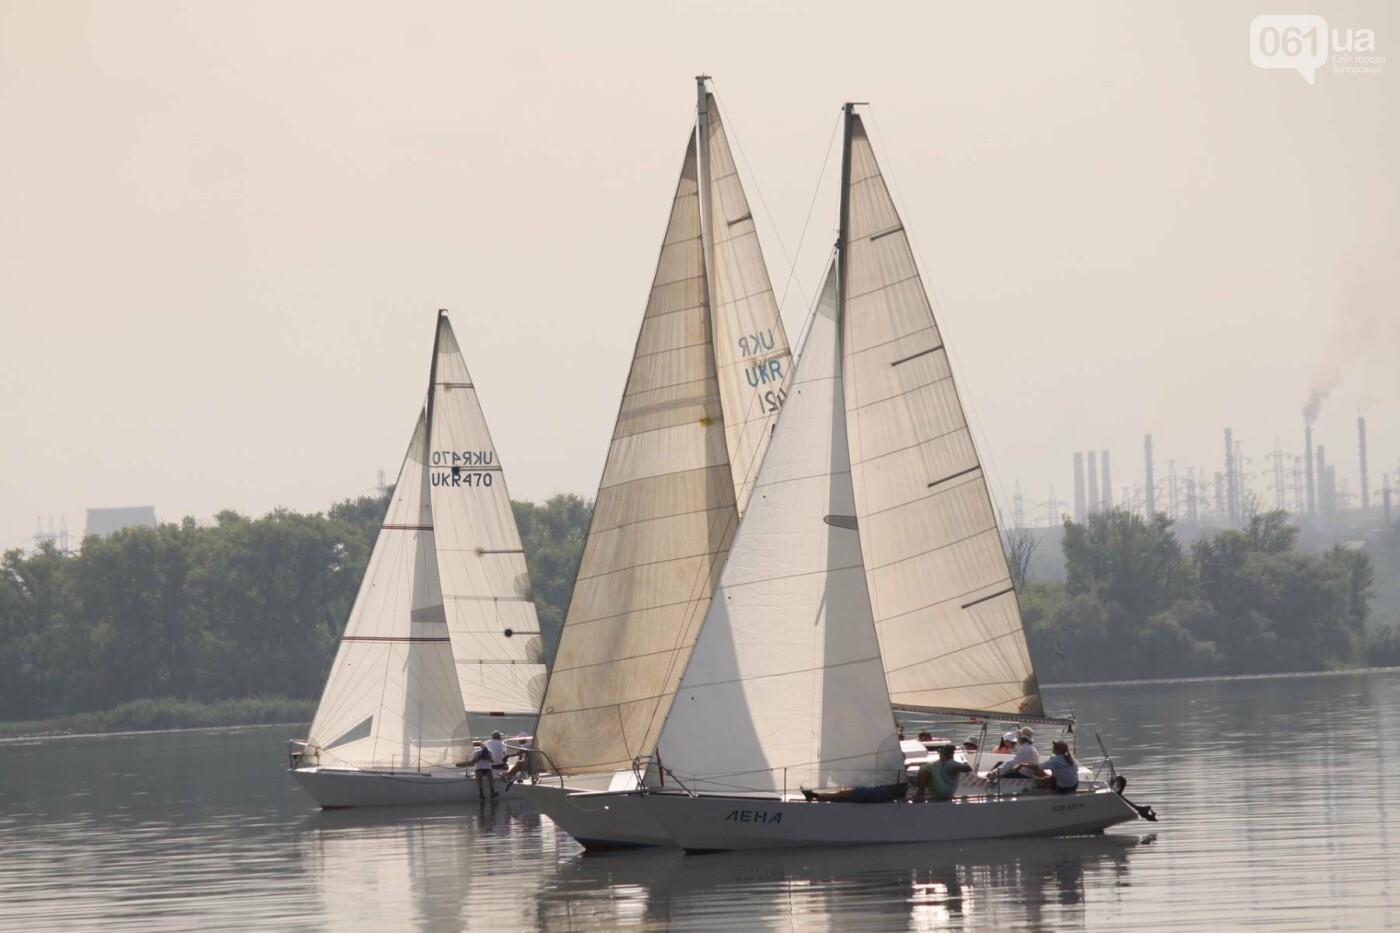 Сотни спортсменов и десятки яхт: как в Запорожье проходит парусная регата, – ФОТОРЕПОРТАЖ, фото-6